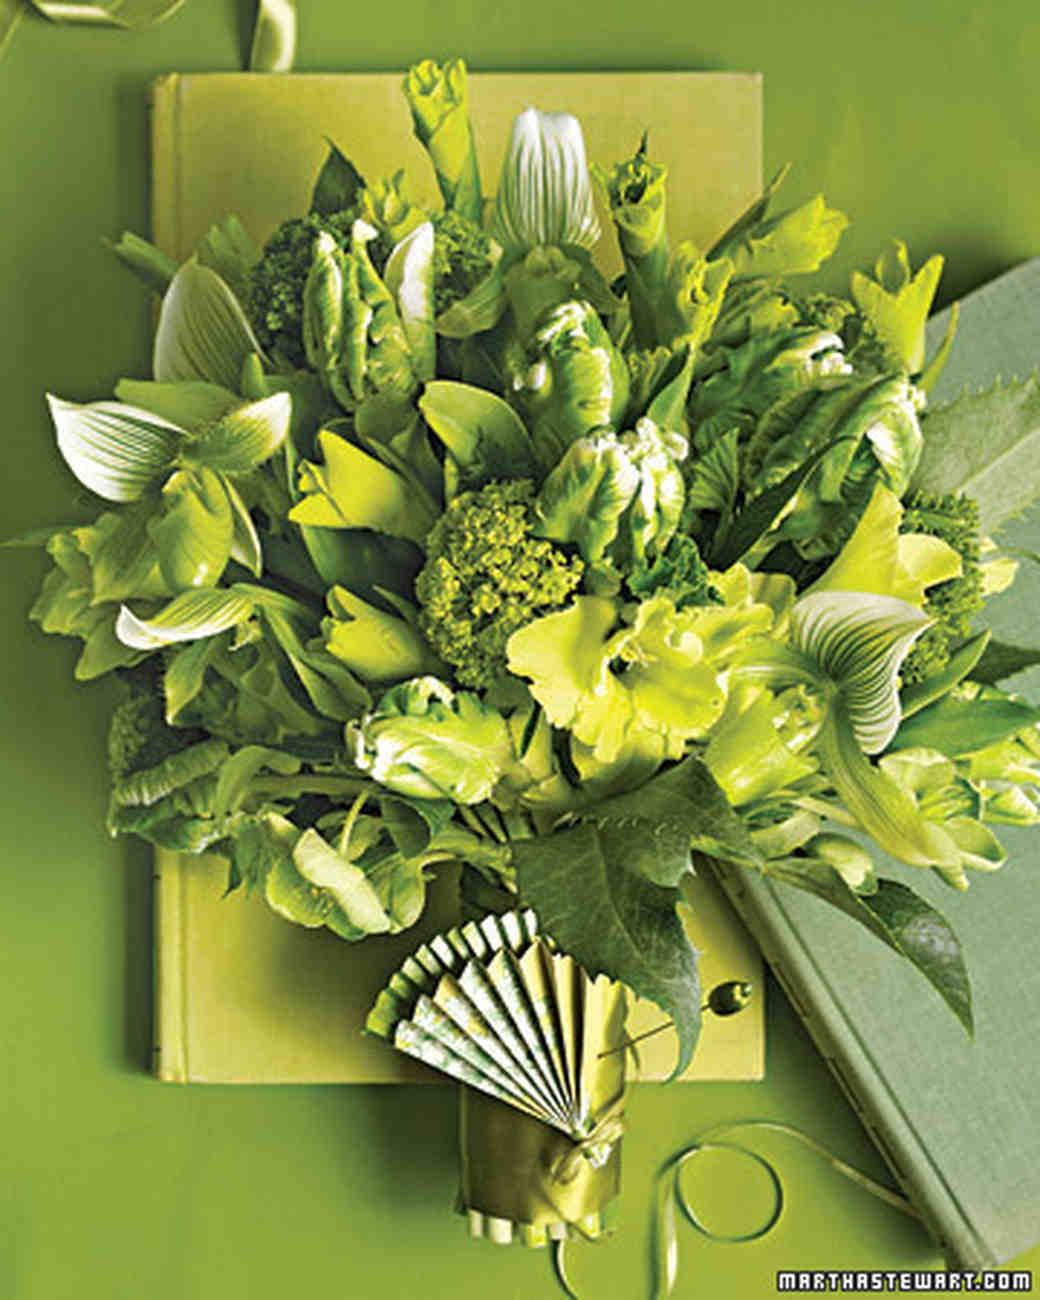 mwd103620_spr08_green.jpg